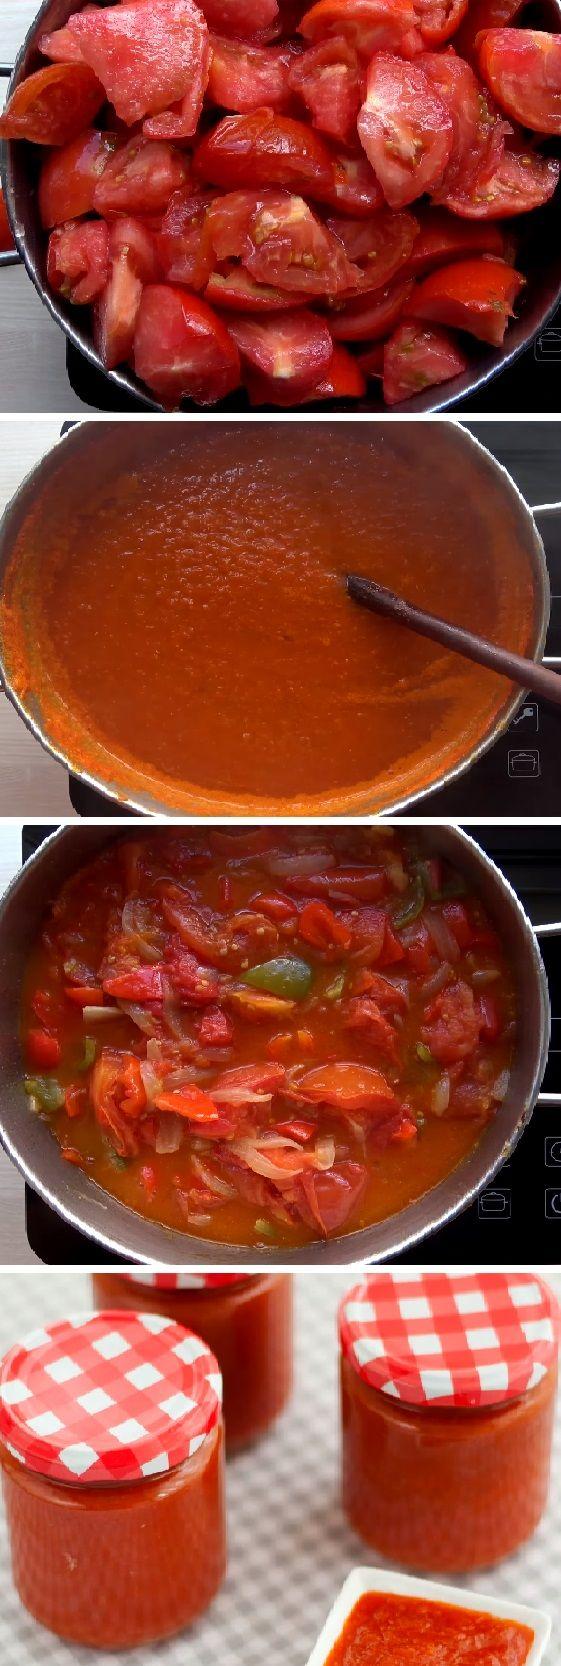 Cómo hacer salsa de tomate frito casera y fácil. Una de las conservas perfectas que va a aprender para toda su vida!  #salsa #frito #facil  #tomatoes #tomatosoup #tomate #tomates #tomateseco #comohacer #rellenos #ensaladas #salud #saludable #salad #receta #recipe #tasty #food   Si te gusta dinos HOLA y dale a Me Gusta MIREN…